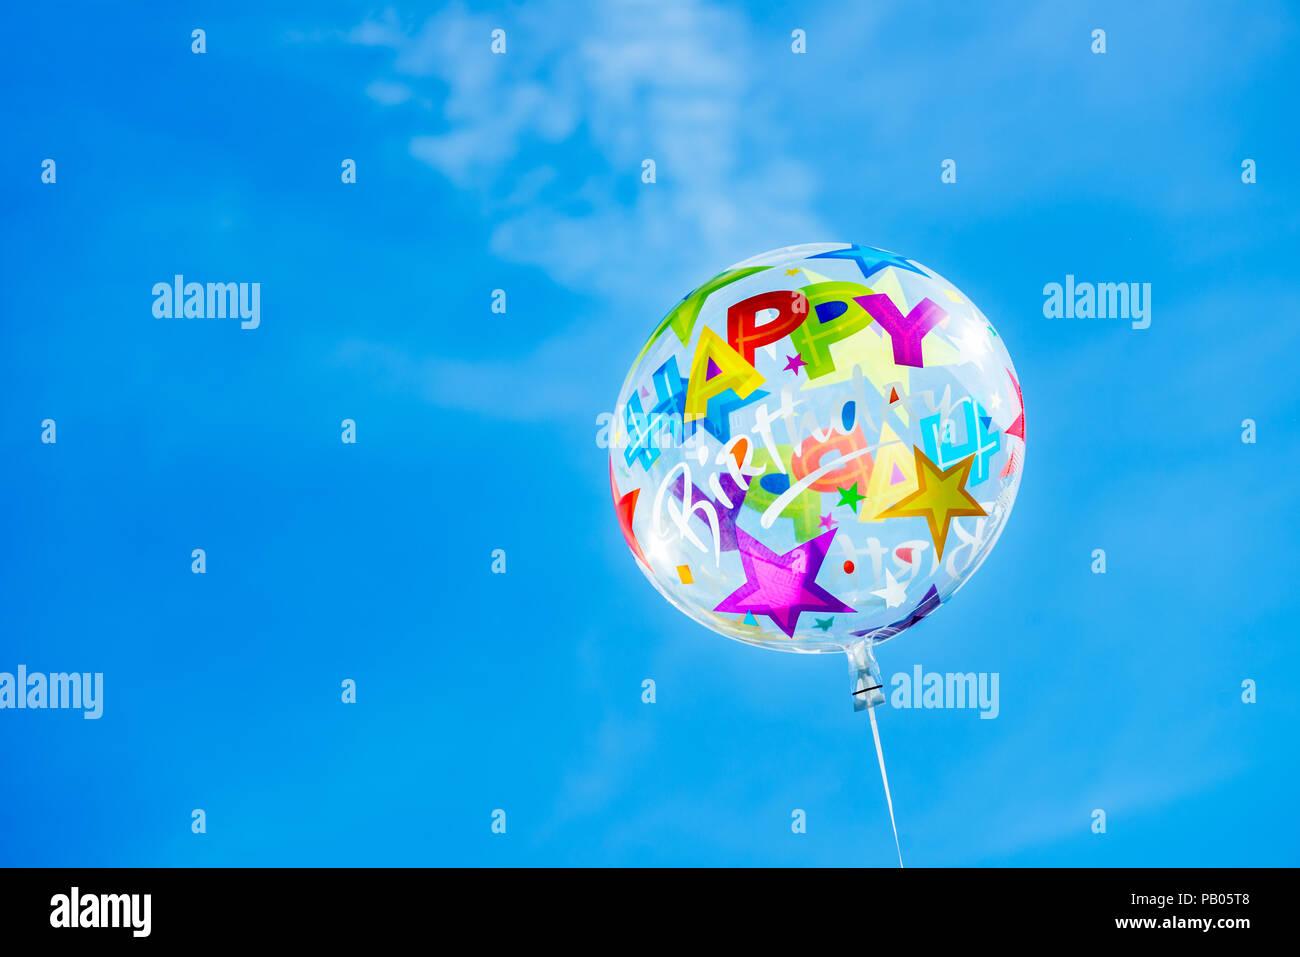 Feliz Cumpleaños Ballon en el fondo del cielo, concepto de postal Foto de stock